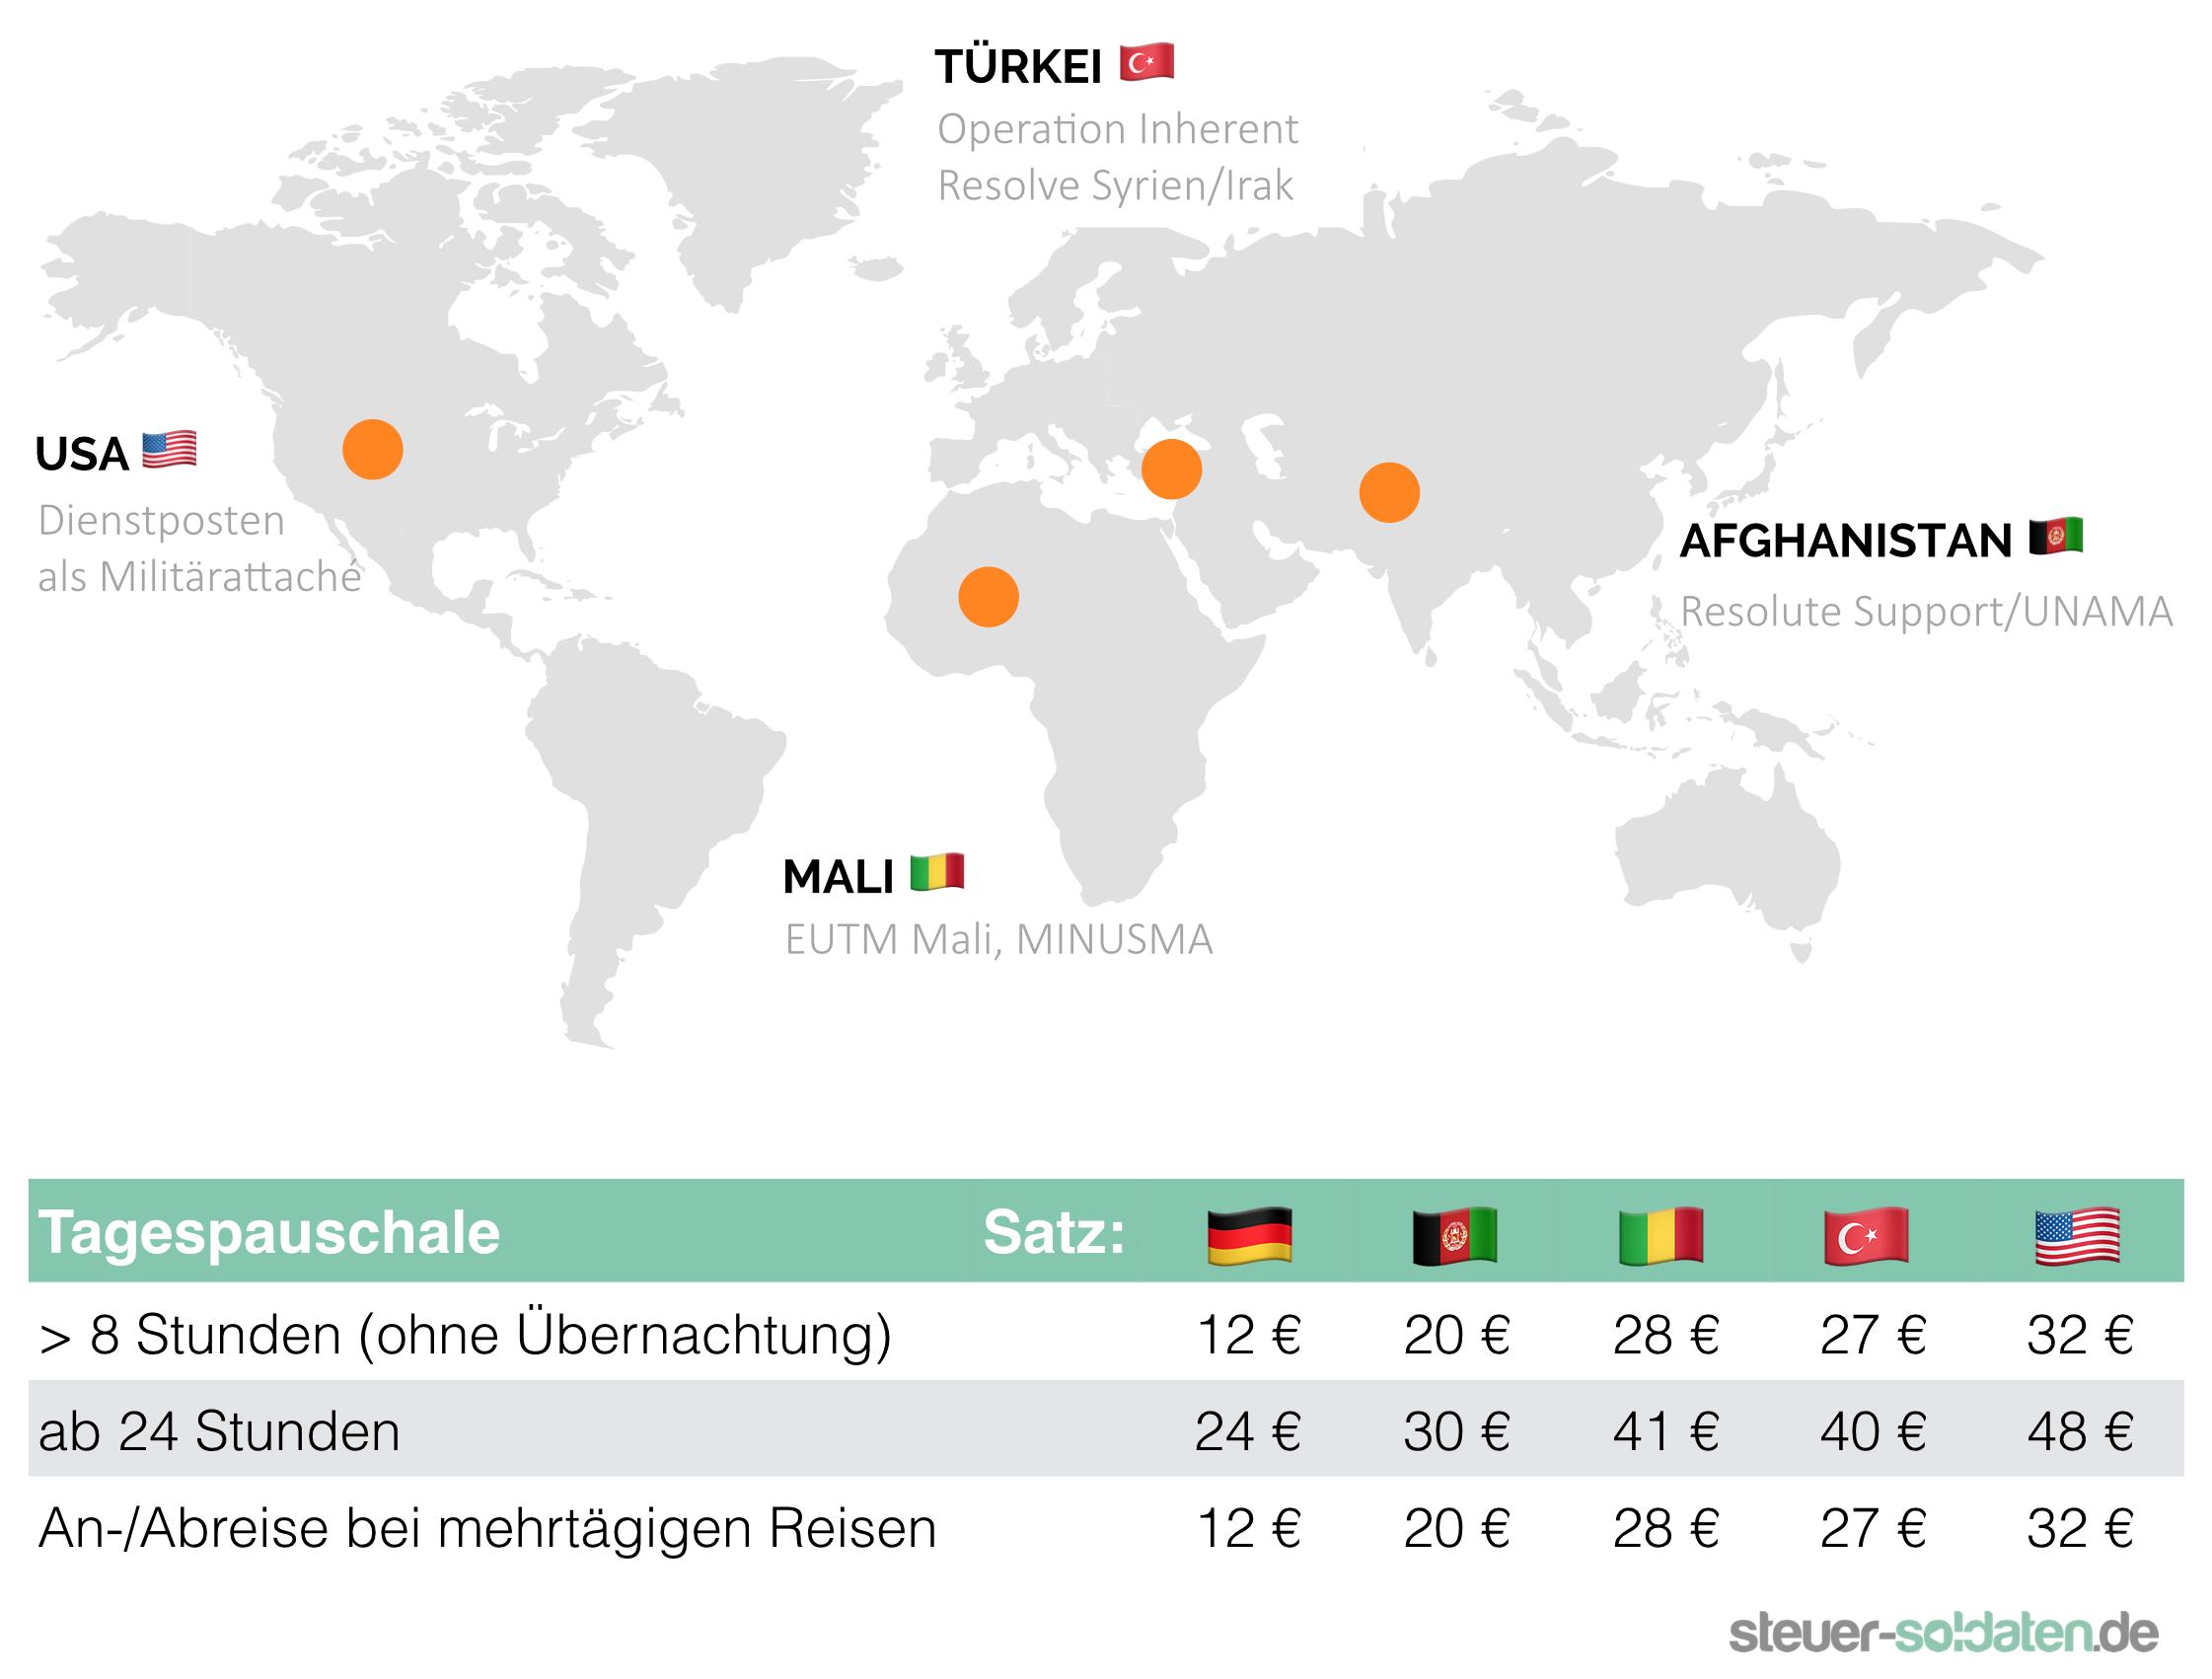 Verpflegungspauschalen für Soldaten im Ausland - Karte und Tabelle